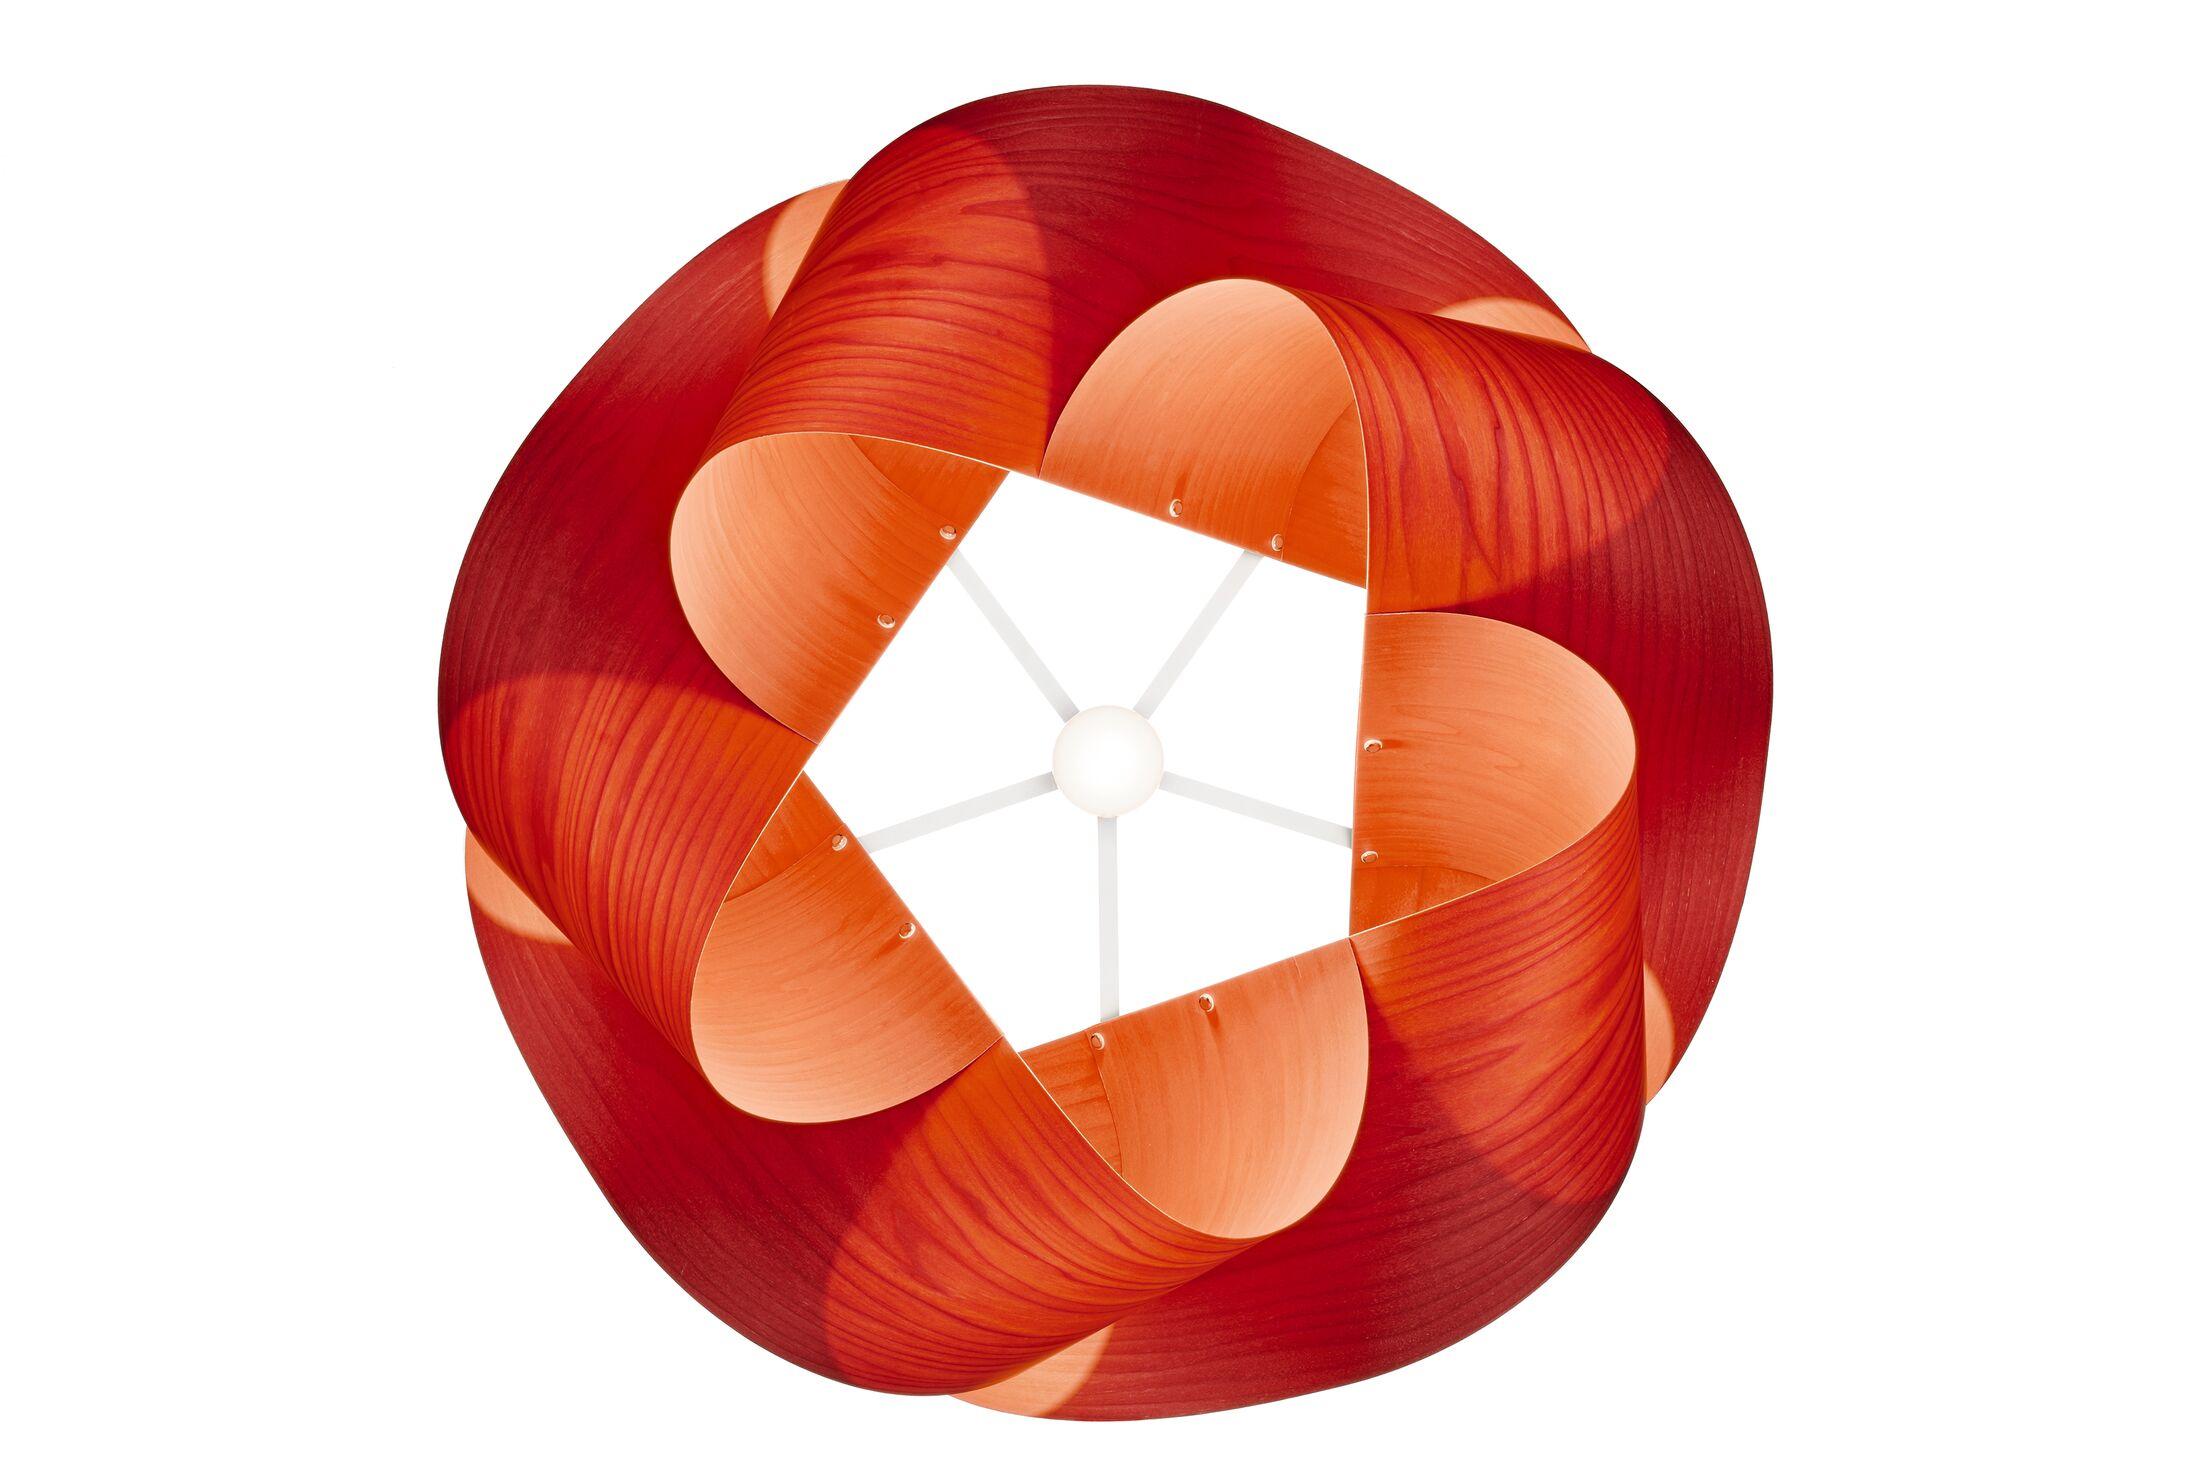 Swirl 1-Light Novelty Pendant Finish: Brushed Nickel, Shade Color: Orange